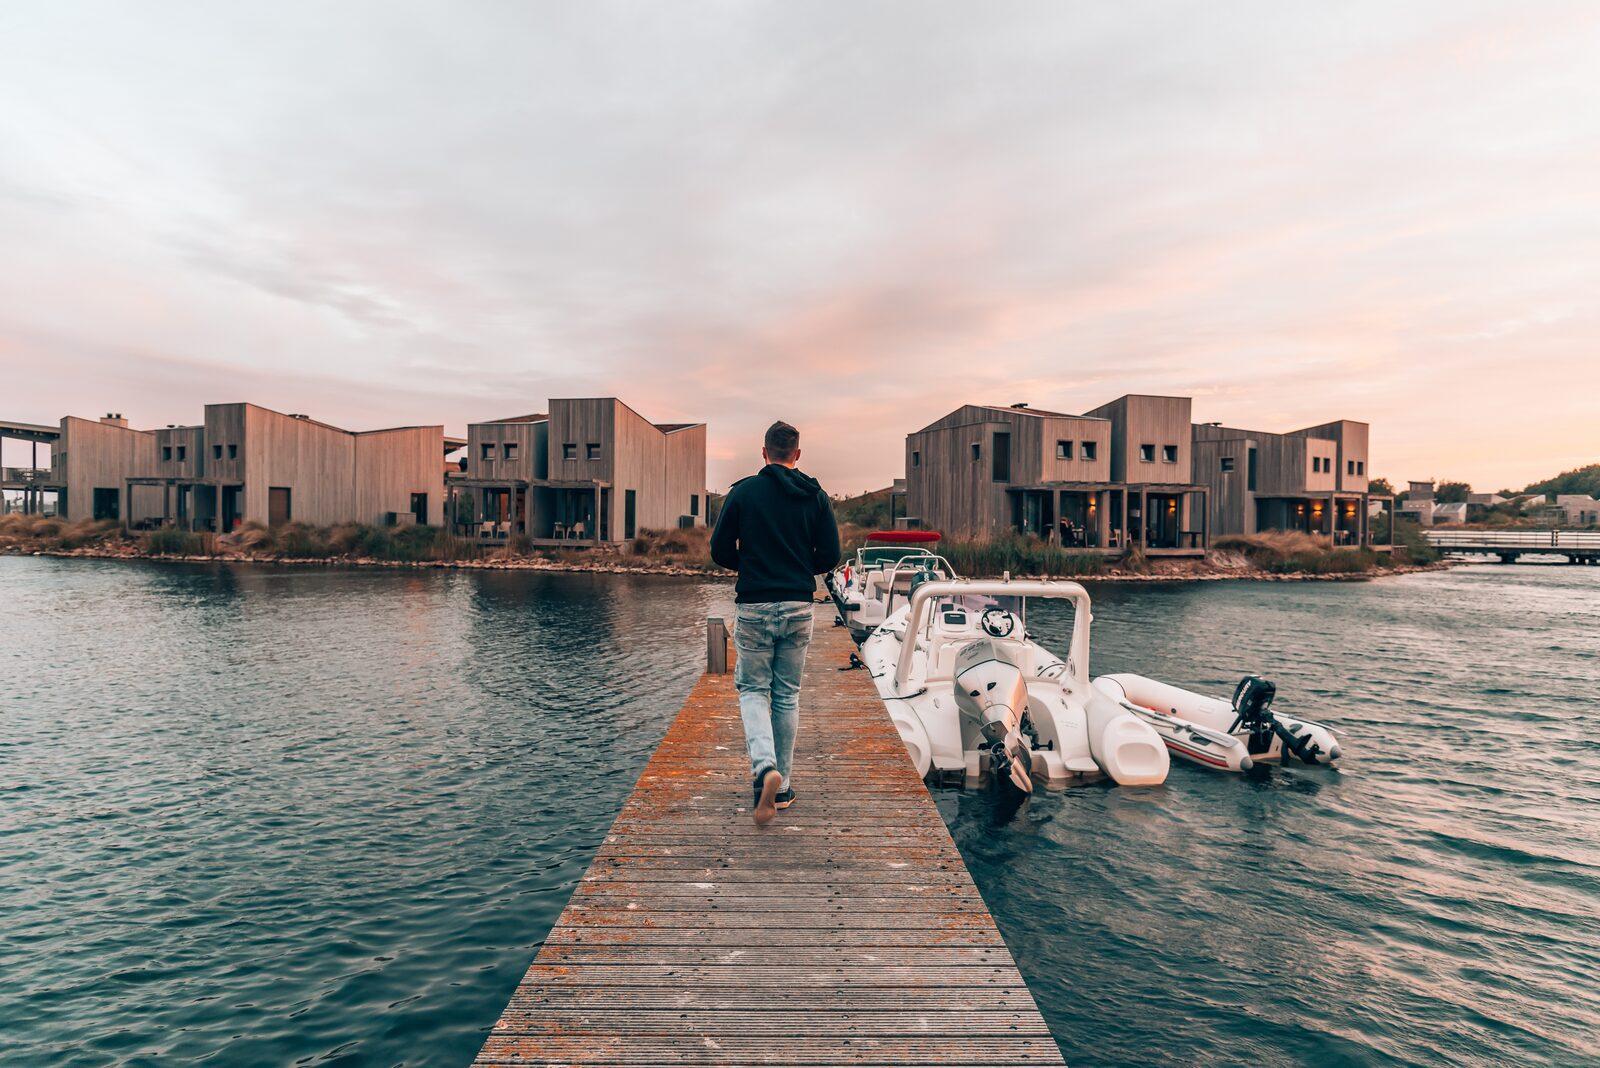 Wandelend over het meer | reisverhaal van Bo